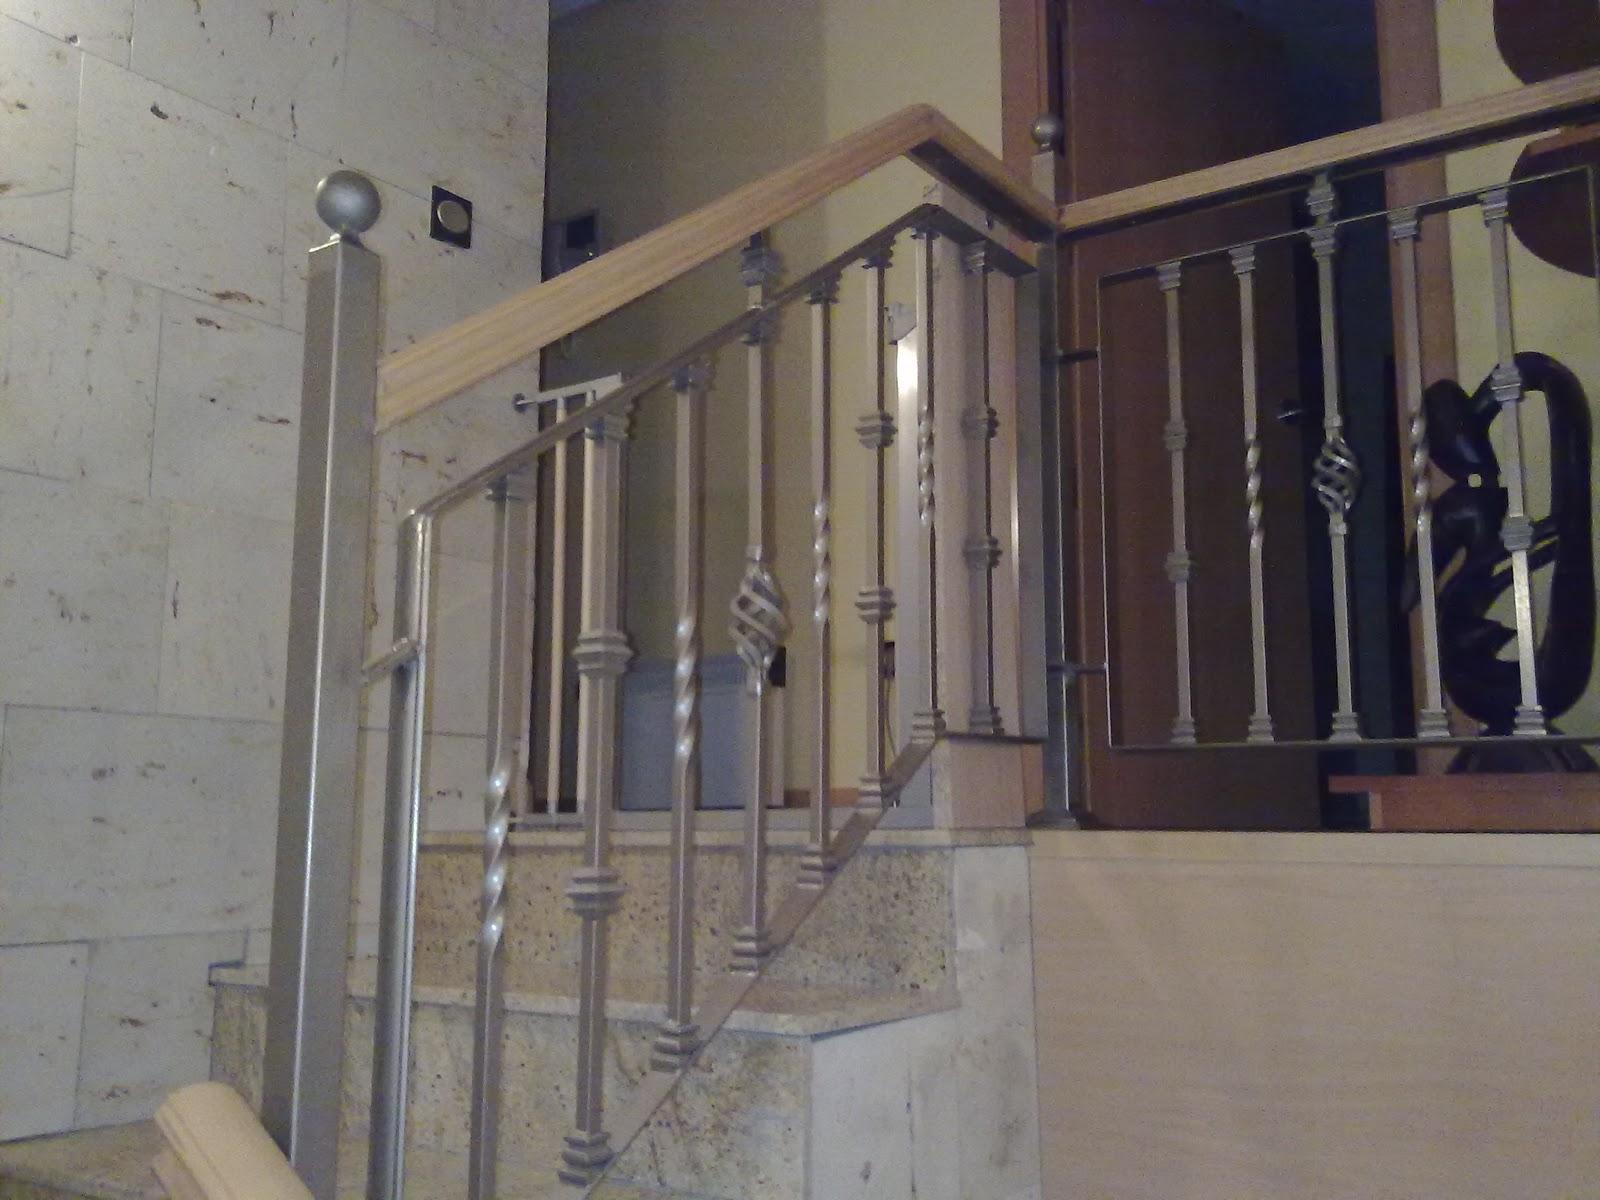 Norbel carpinteria met lica y acero inoxidable escalera - Escaleras antiguas de madera ...